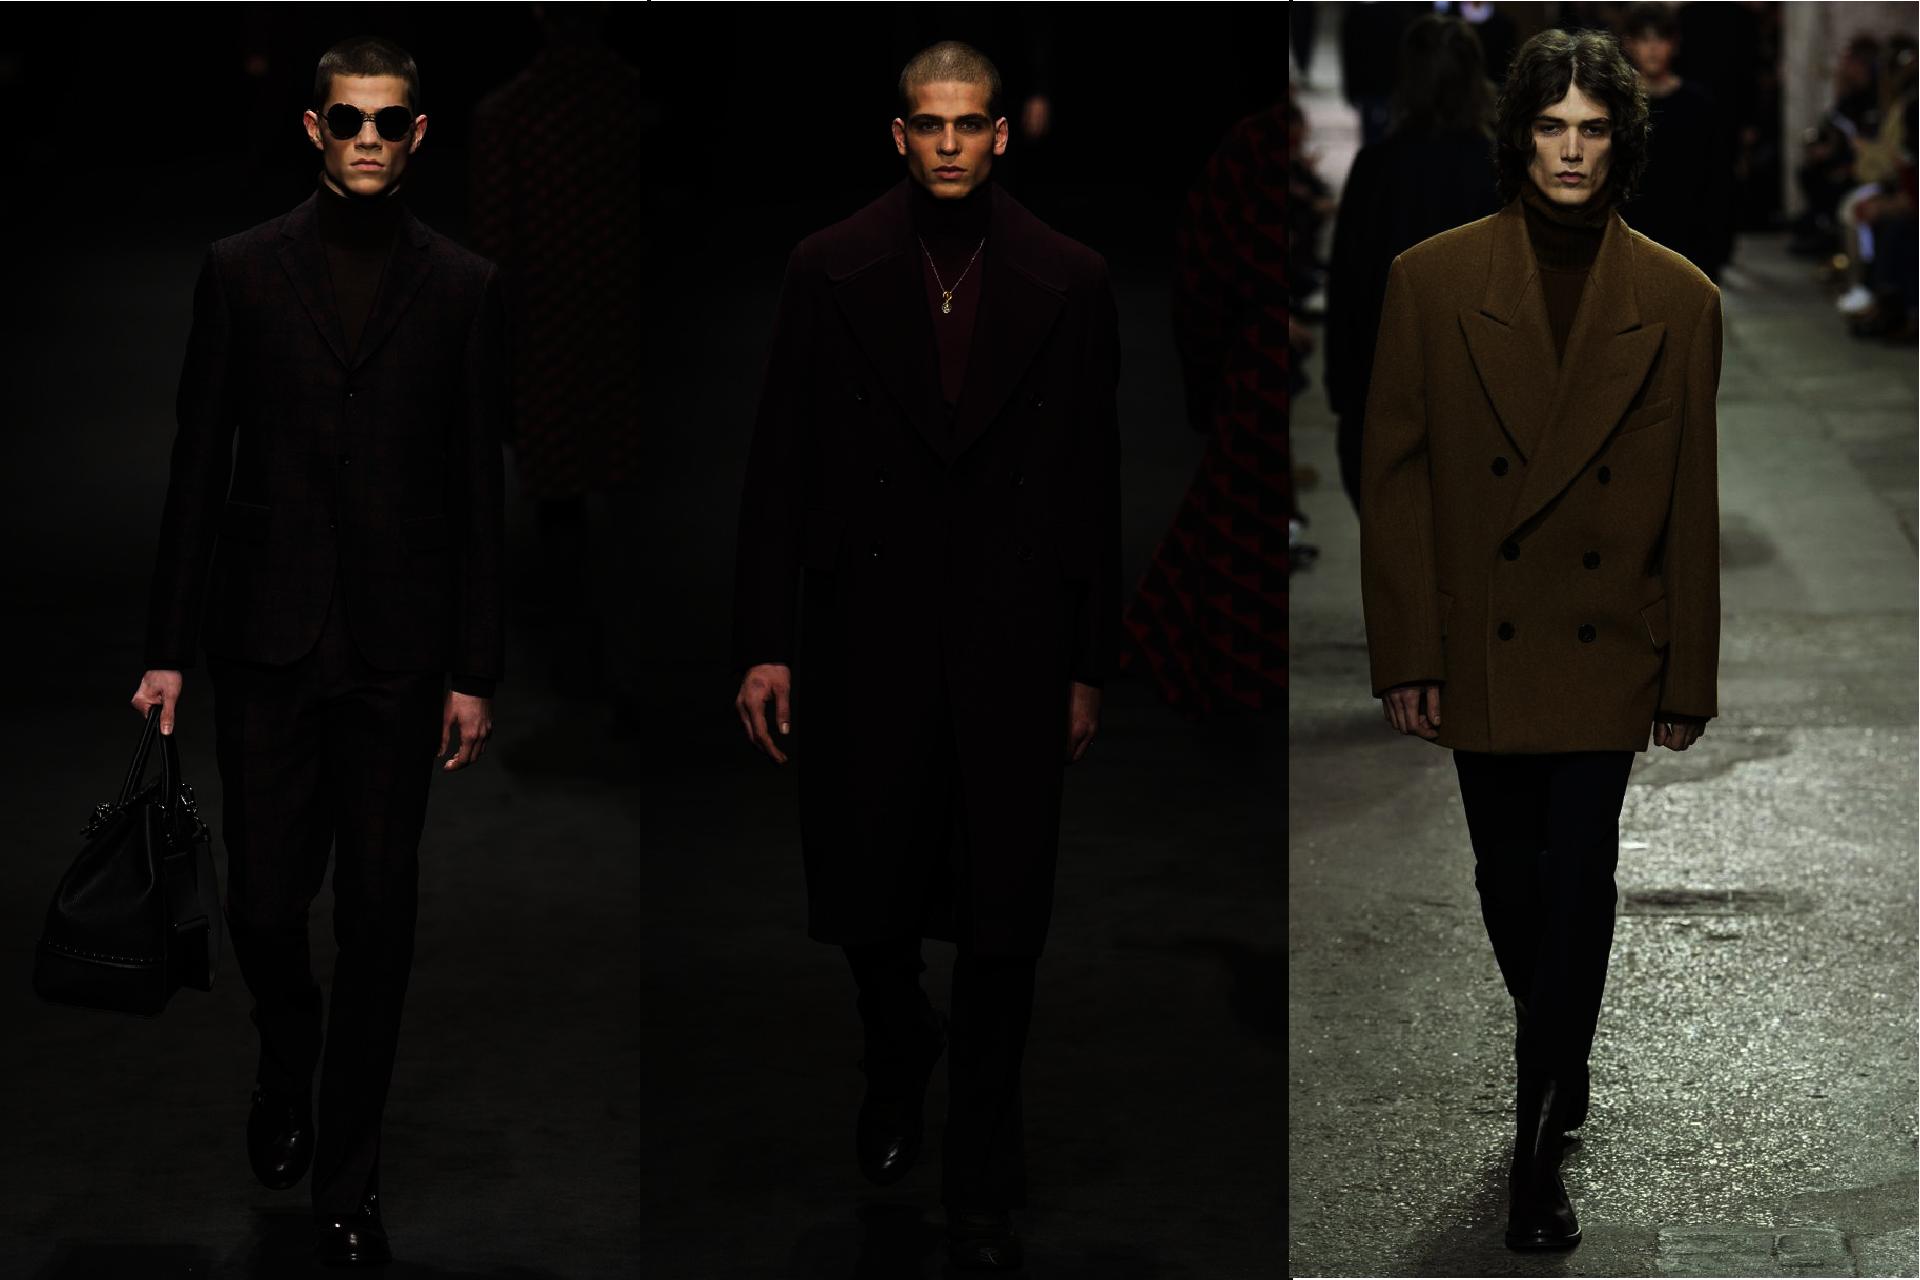 Trendy w modzie męskiej jesień-zima 2017, Pokazy mody męskiej jesień-zima 2017,Golfy męskie, Golfy w modzie męskiej, Blog o modzie męskiej